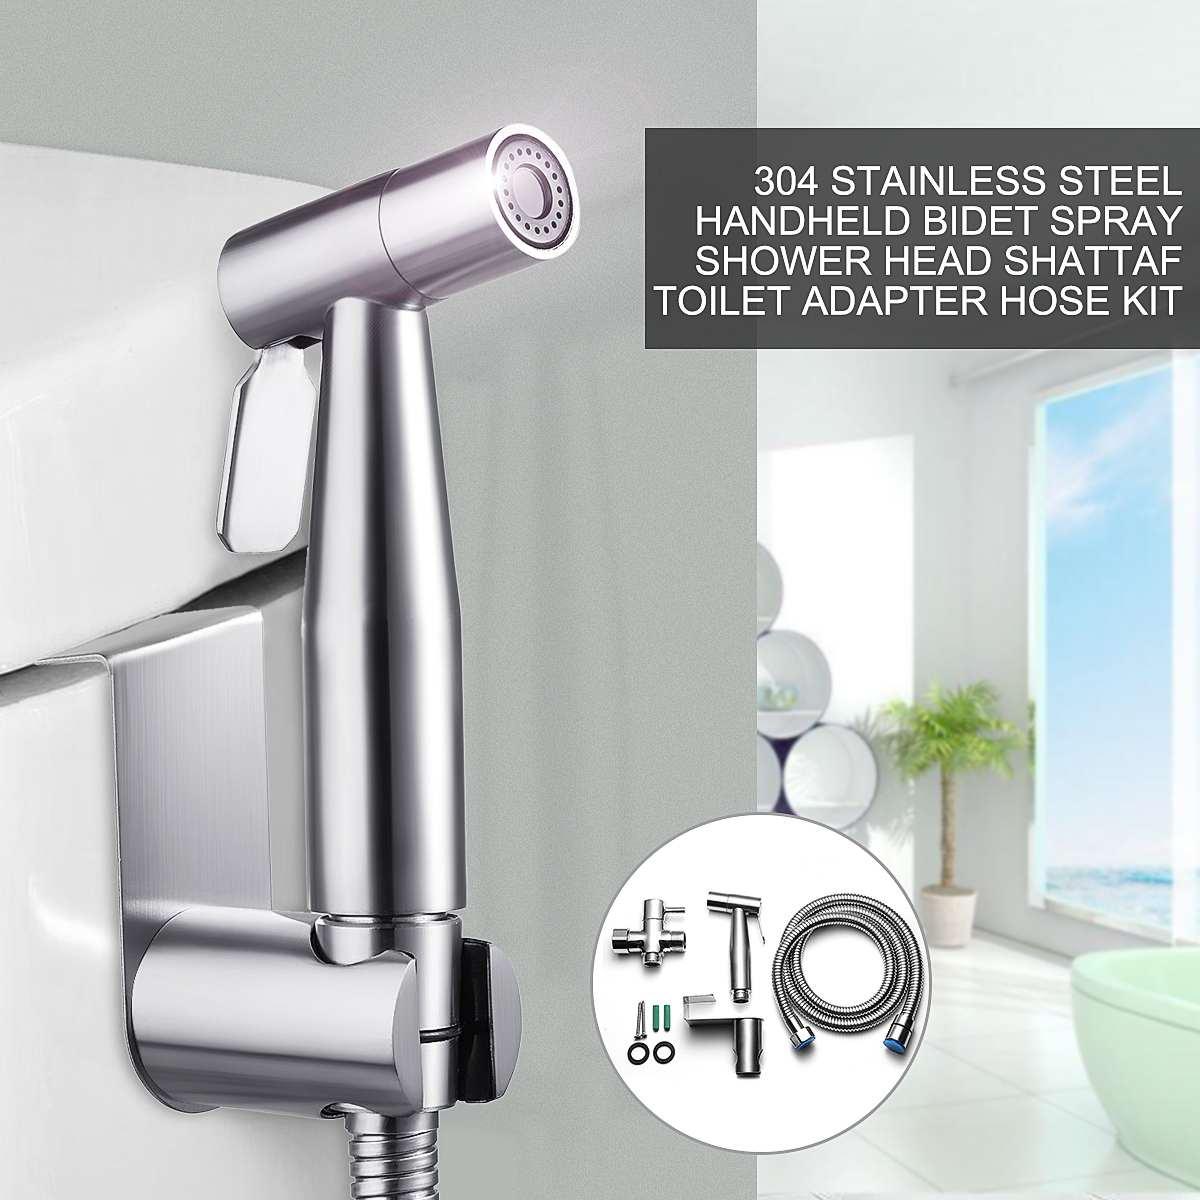 Quotazione Acciaio Al Kg kermitcrainean: comprare in acciaio inox portatile toilette